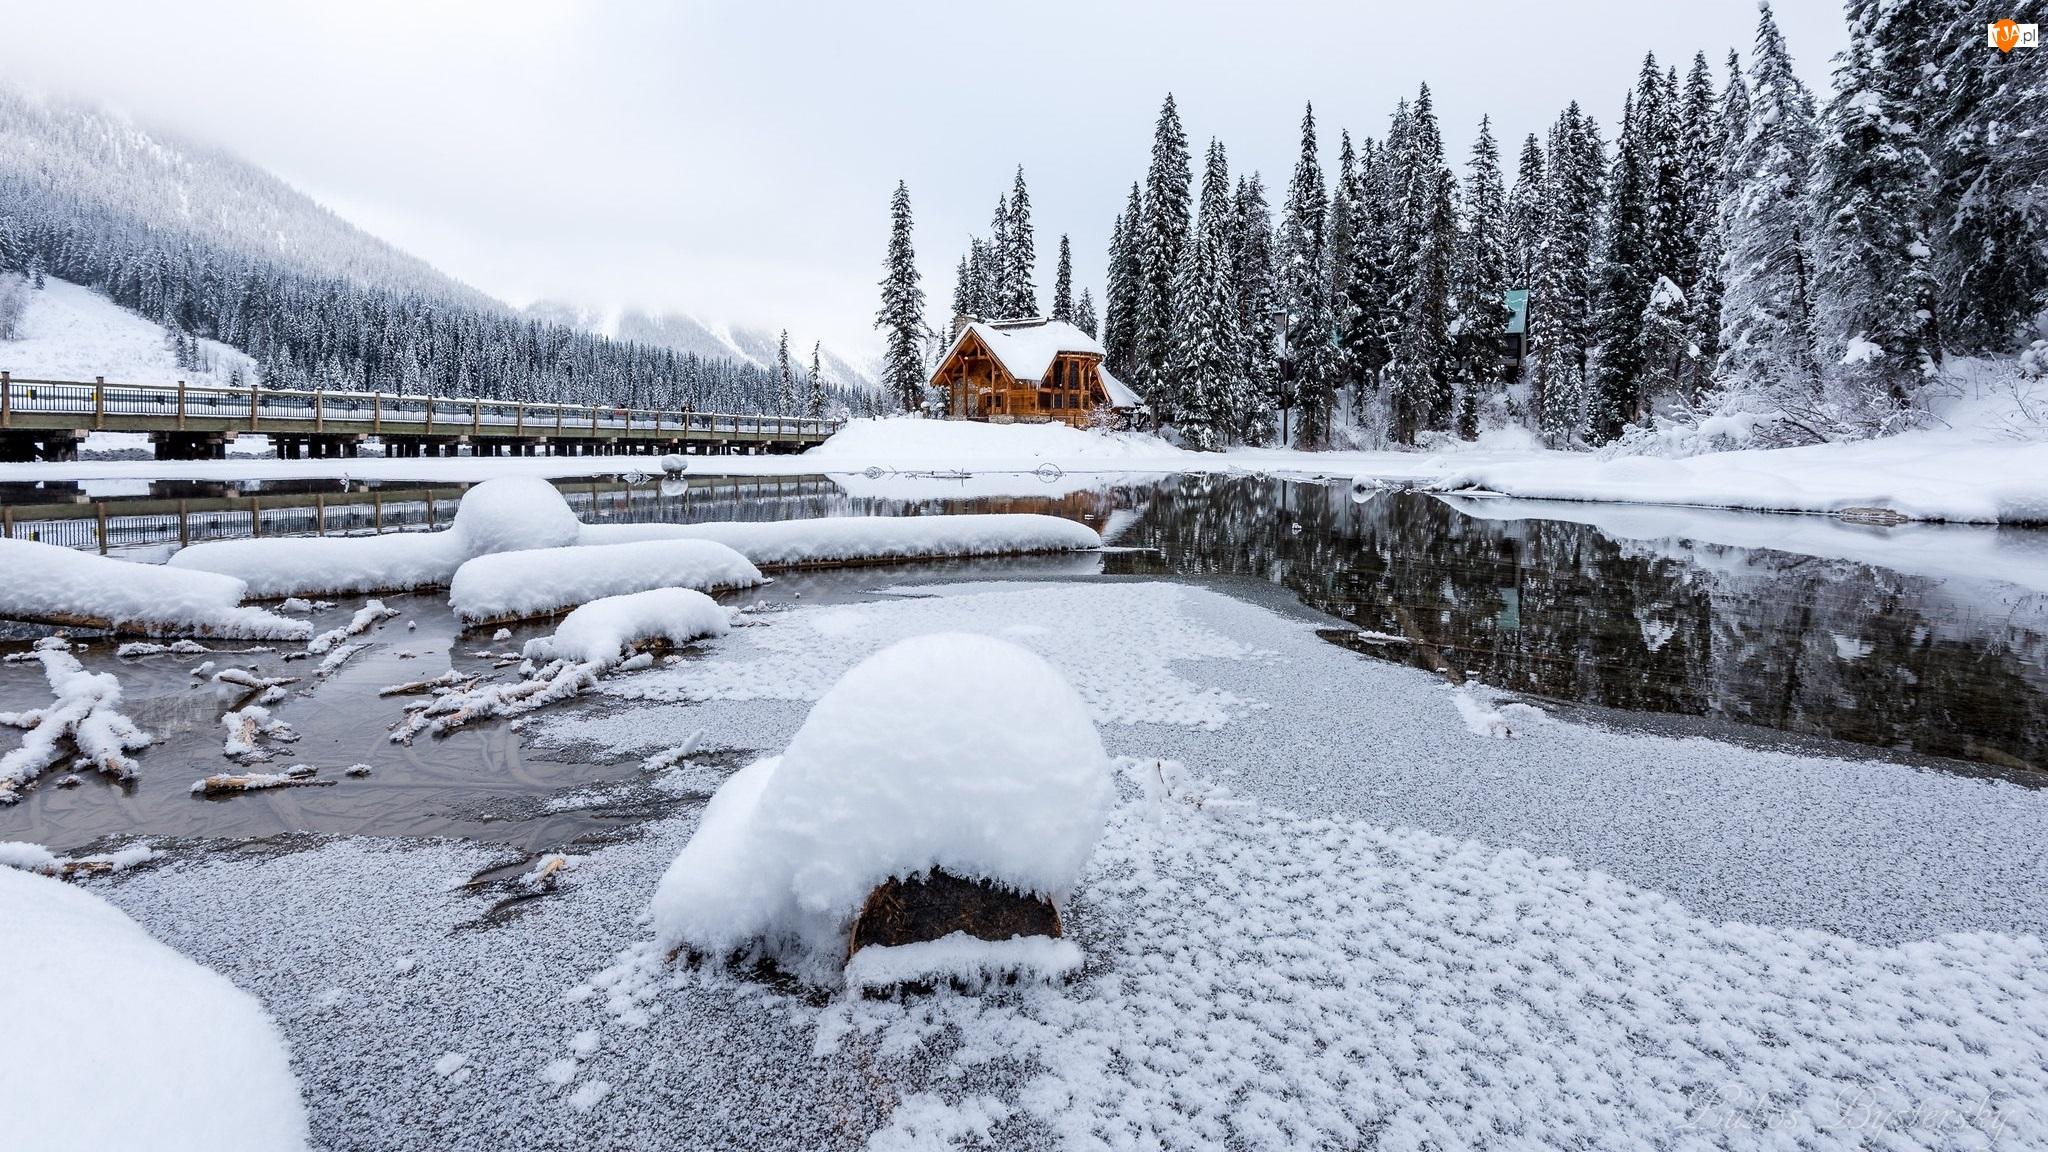 Chmury, Jezioro, Mgła, Kanada, Dom, Park Narodowy Yoho, Śnieg, Góry, Emerald Lake, Drzewa, Świerki, Zima